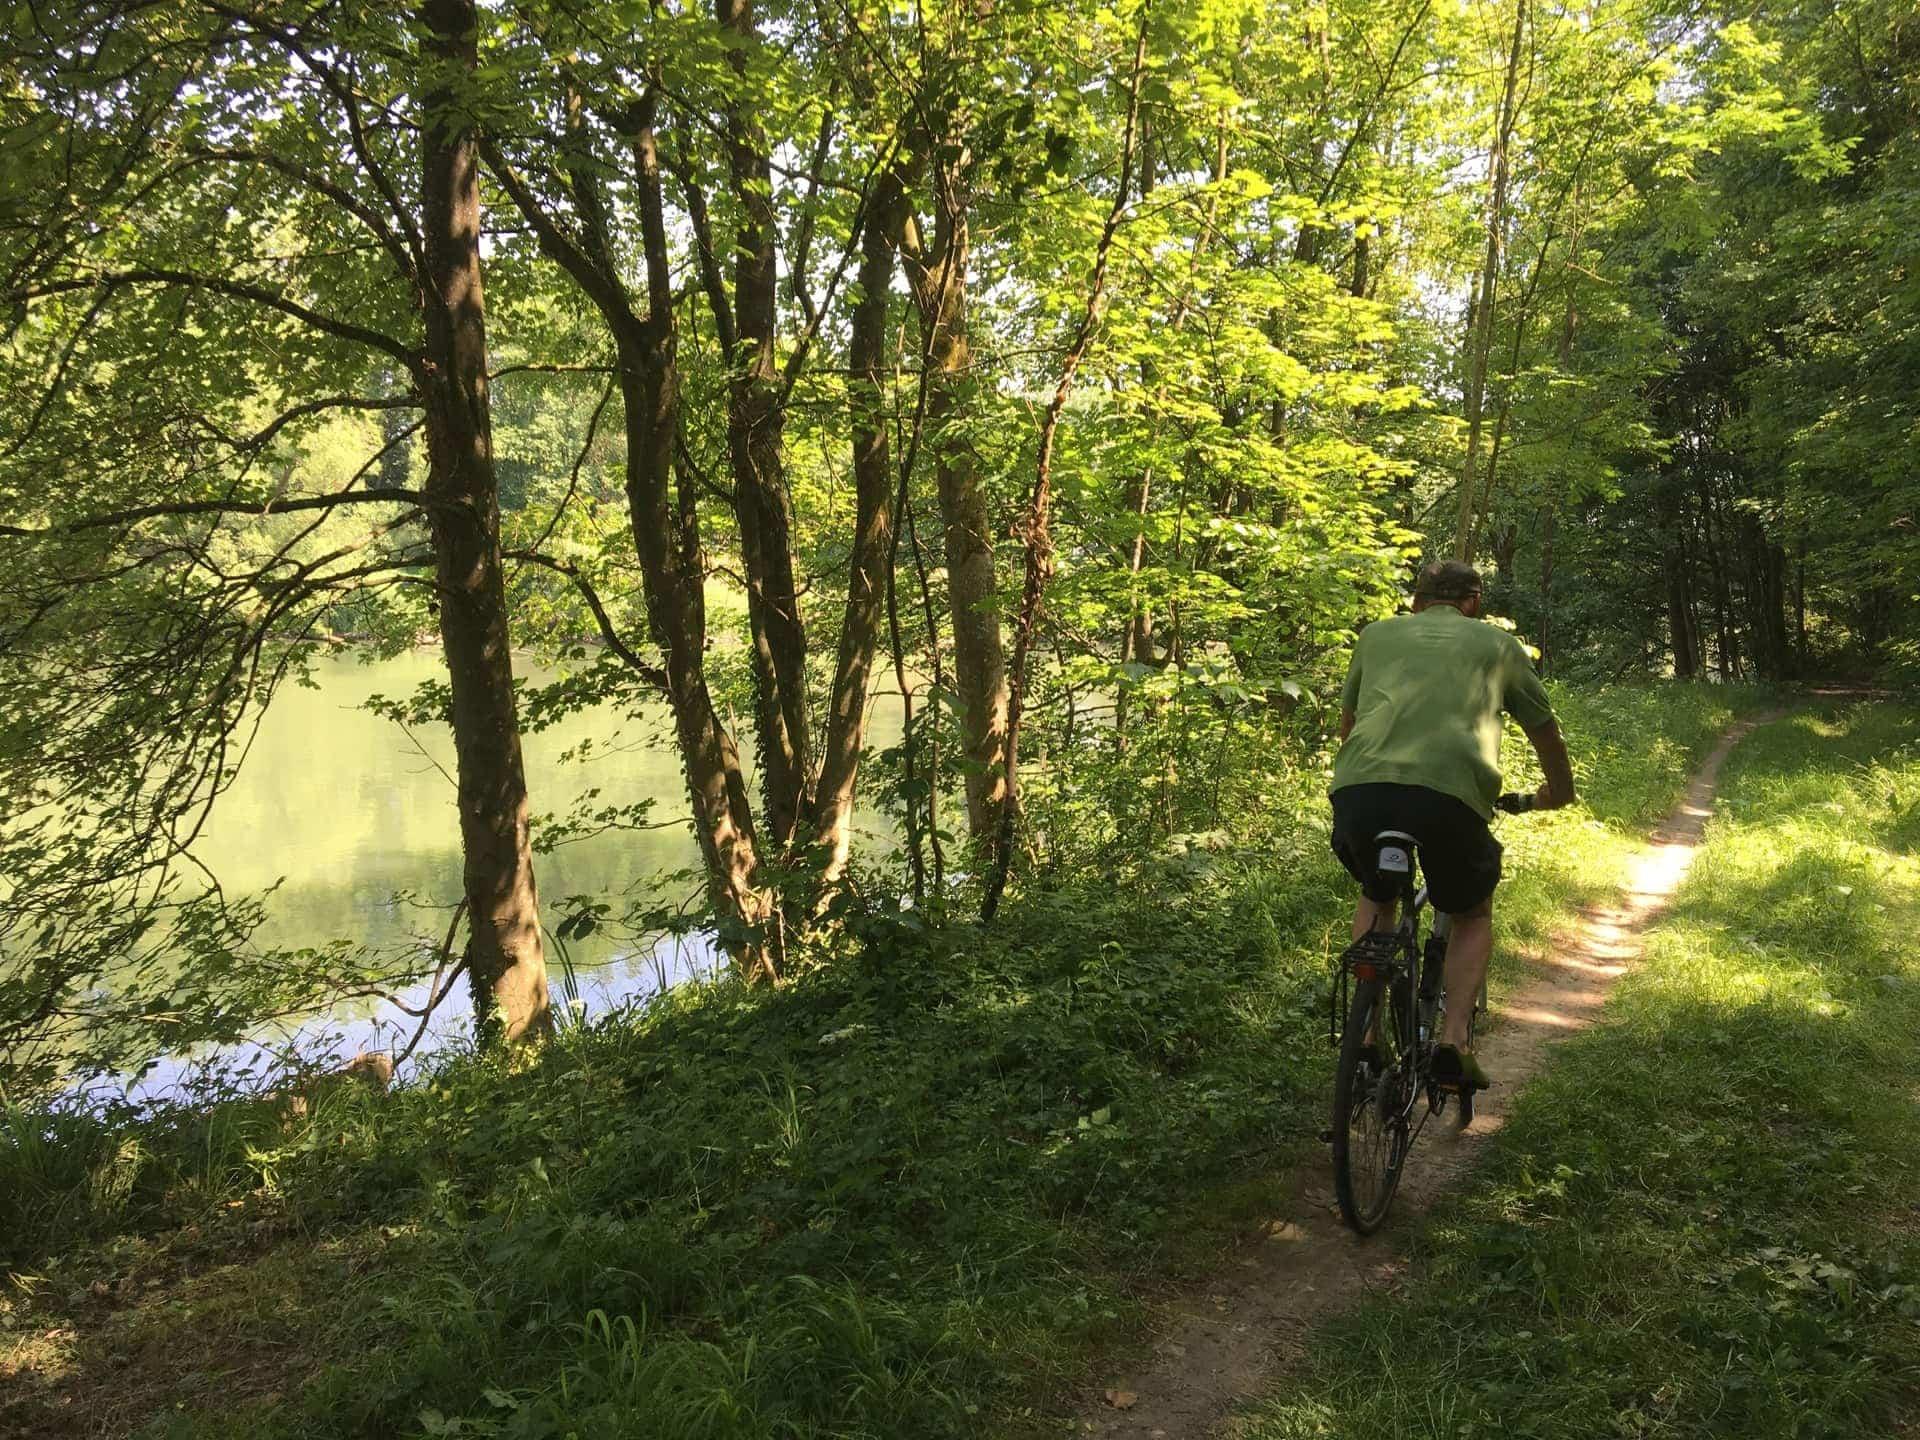 Mit Reisekreativ in die Pedale treten / Auch mit E-Bike möglich Radeln an Isar, Spree und Mur